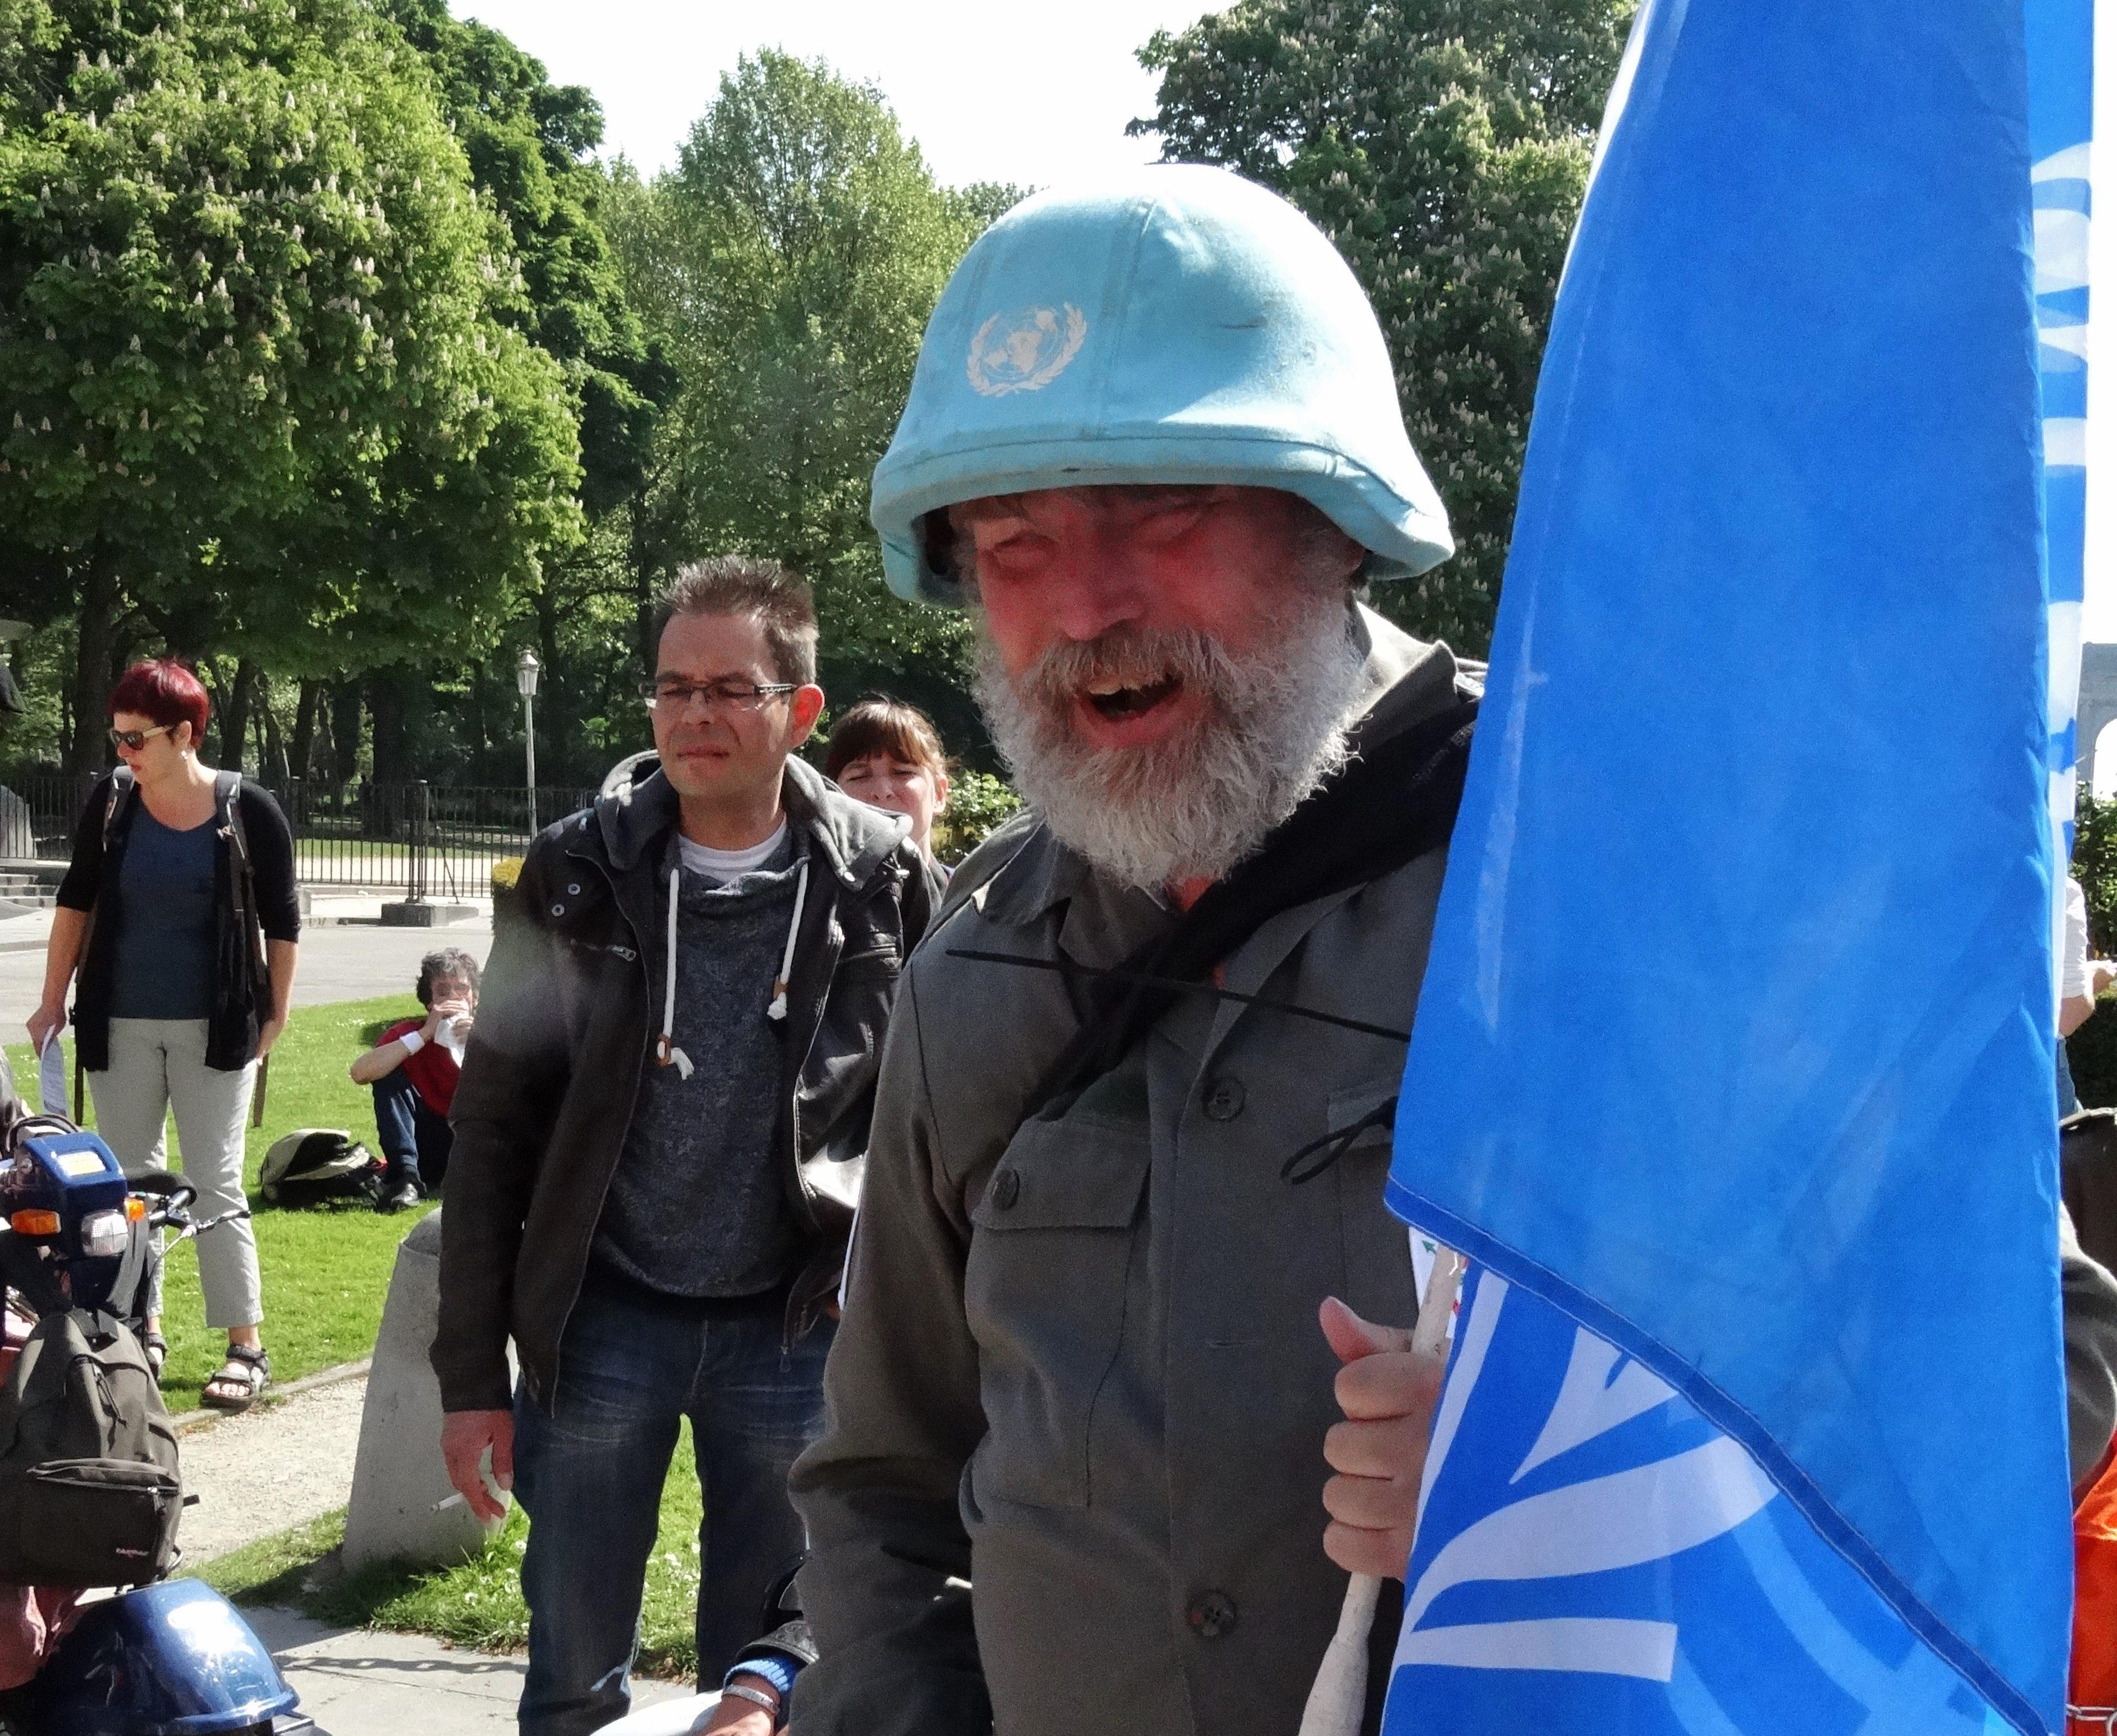 Theo met de VN vlag in Brussel (Actie ENIL)